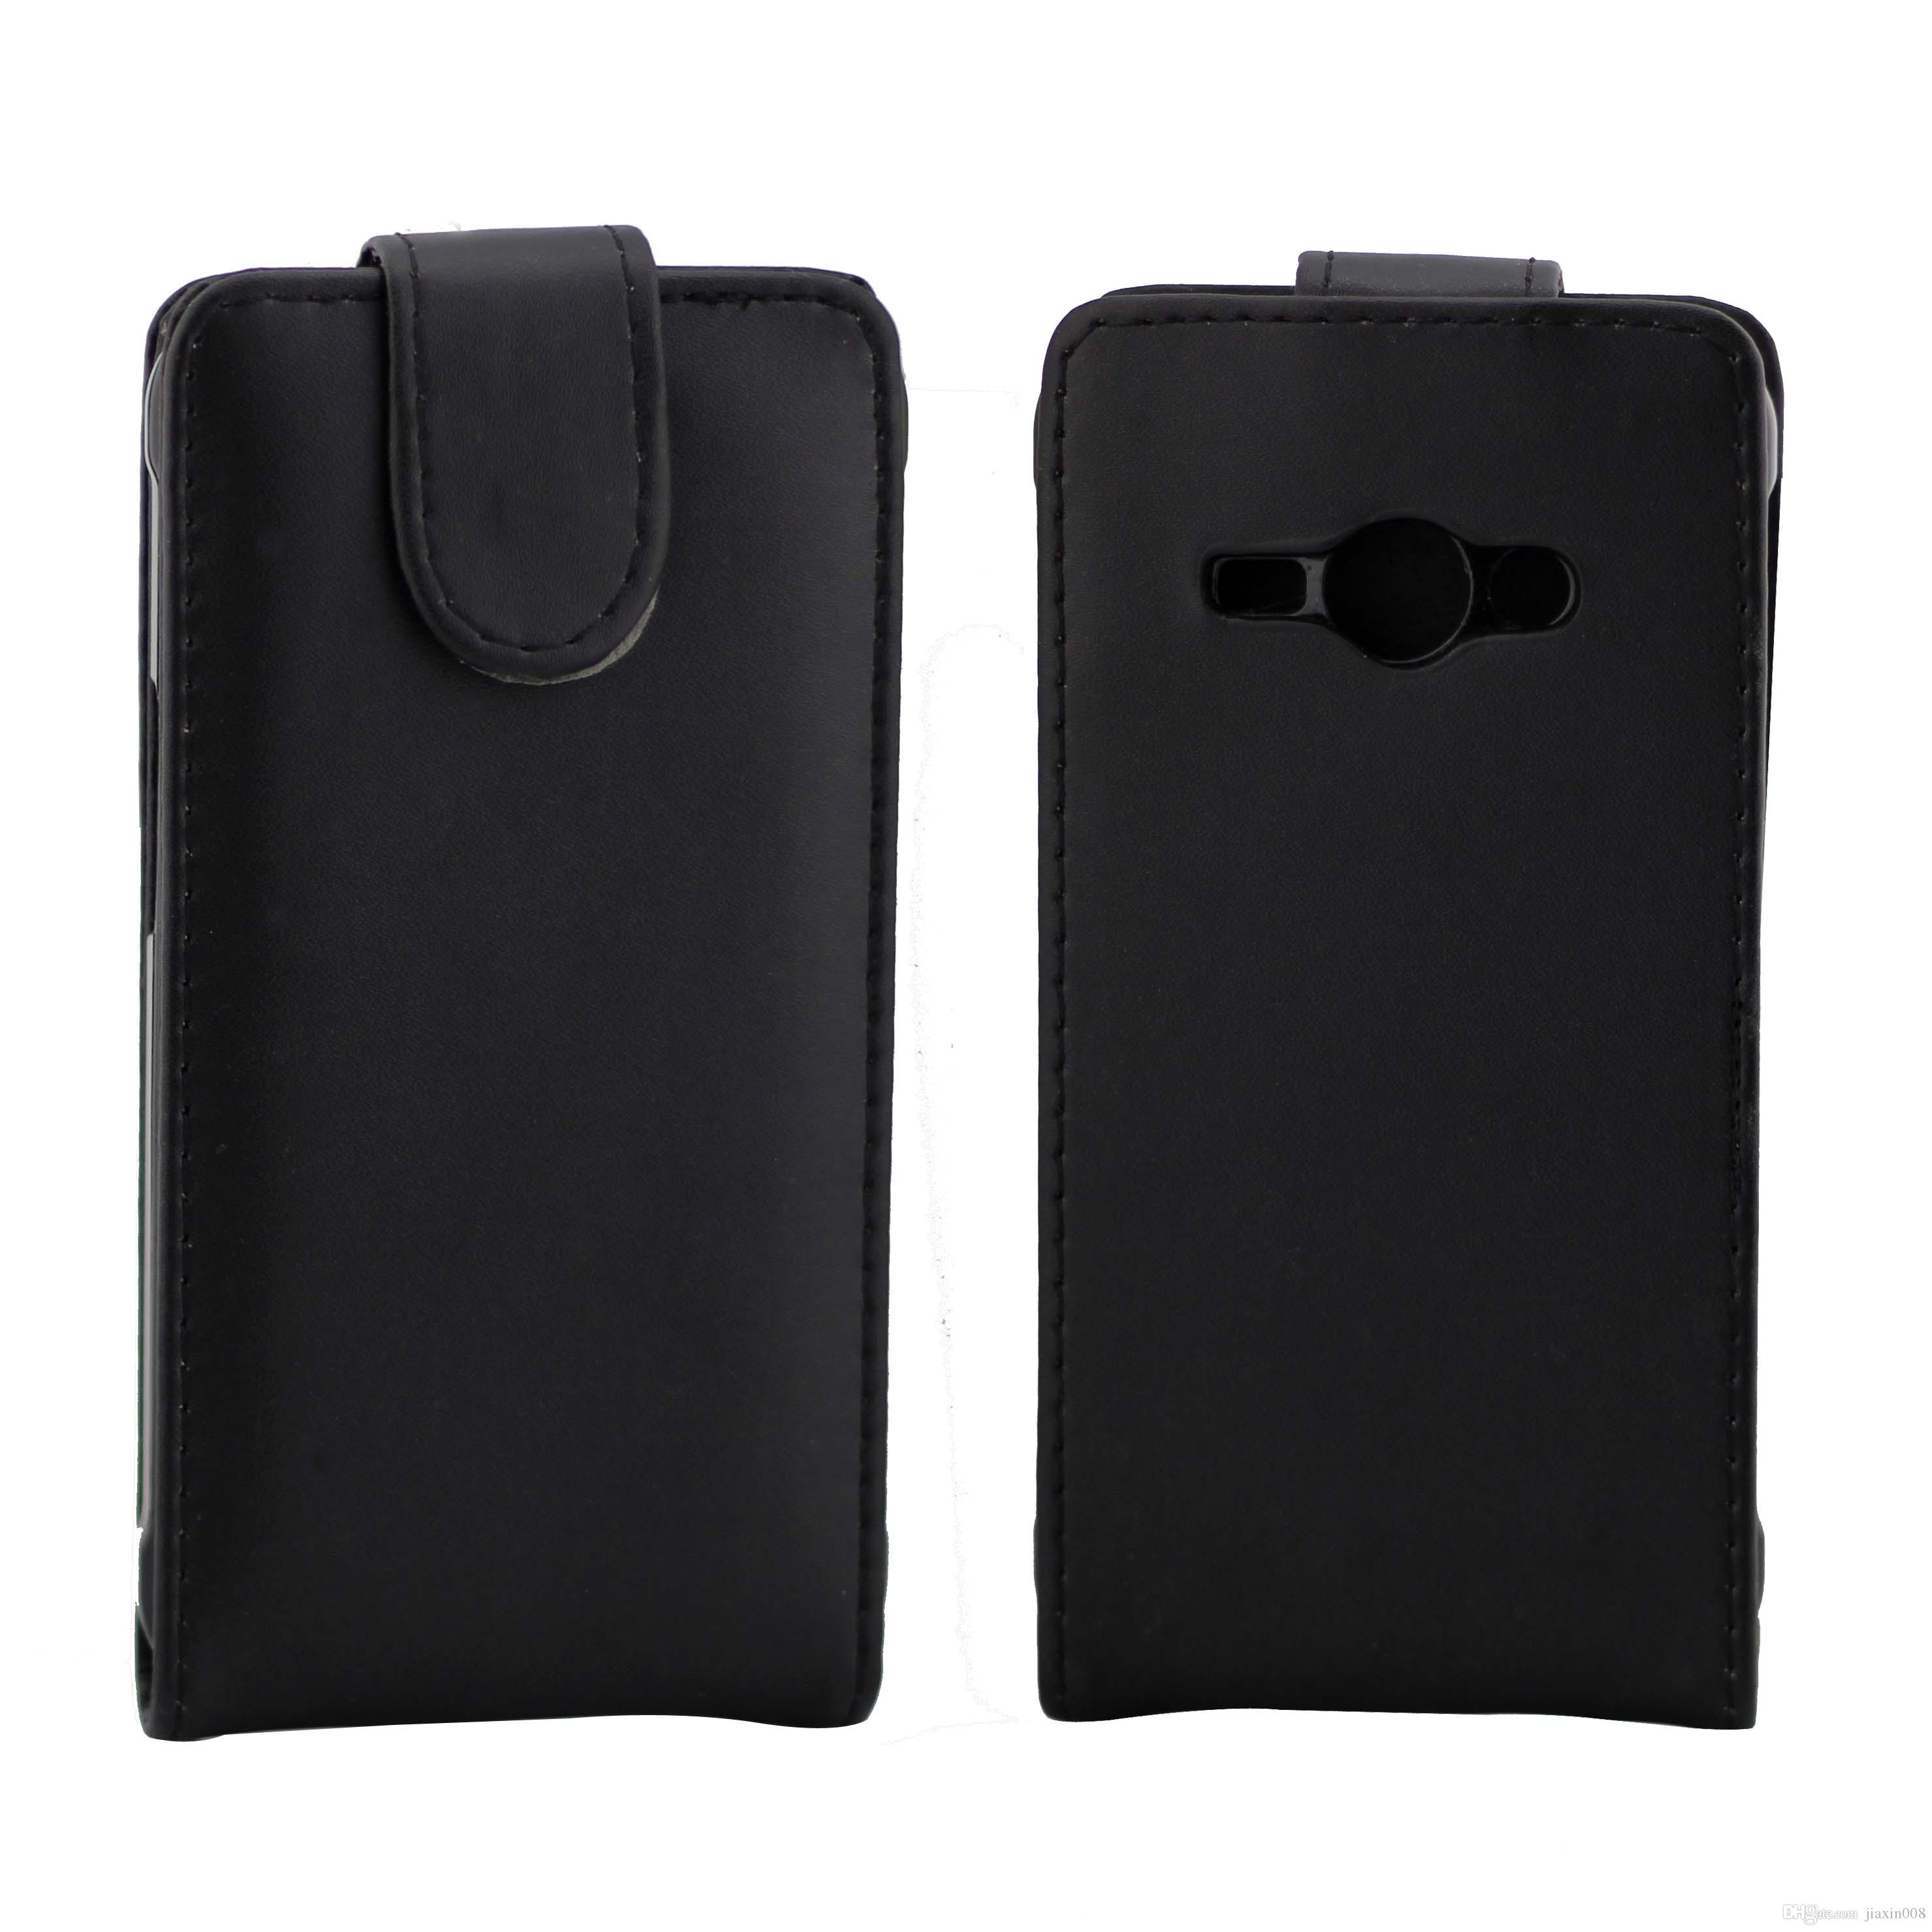 Handytaschen Flip-Cover für Samsung Galaxy J1 Ace J110 Handytasche Zurück Coque Leder Flip Vertikale Up-Down Open Hauttasche Telefon Cover